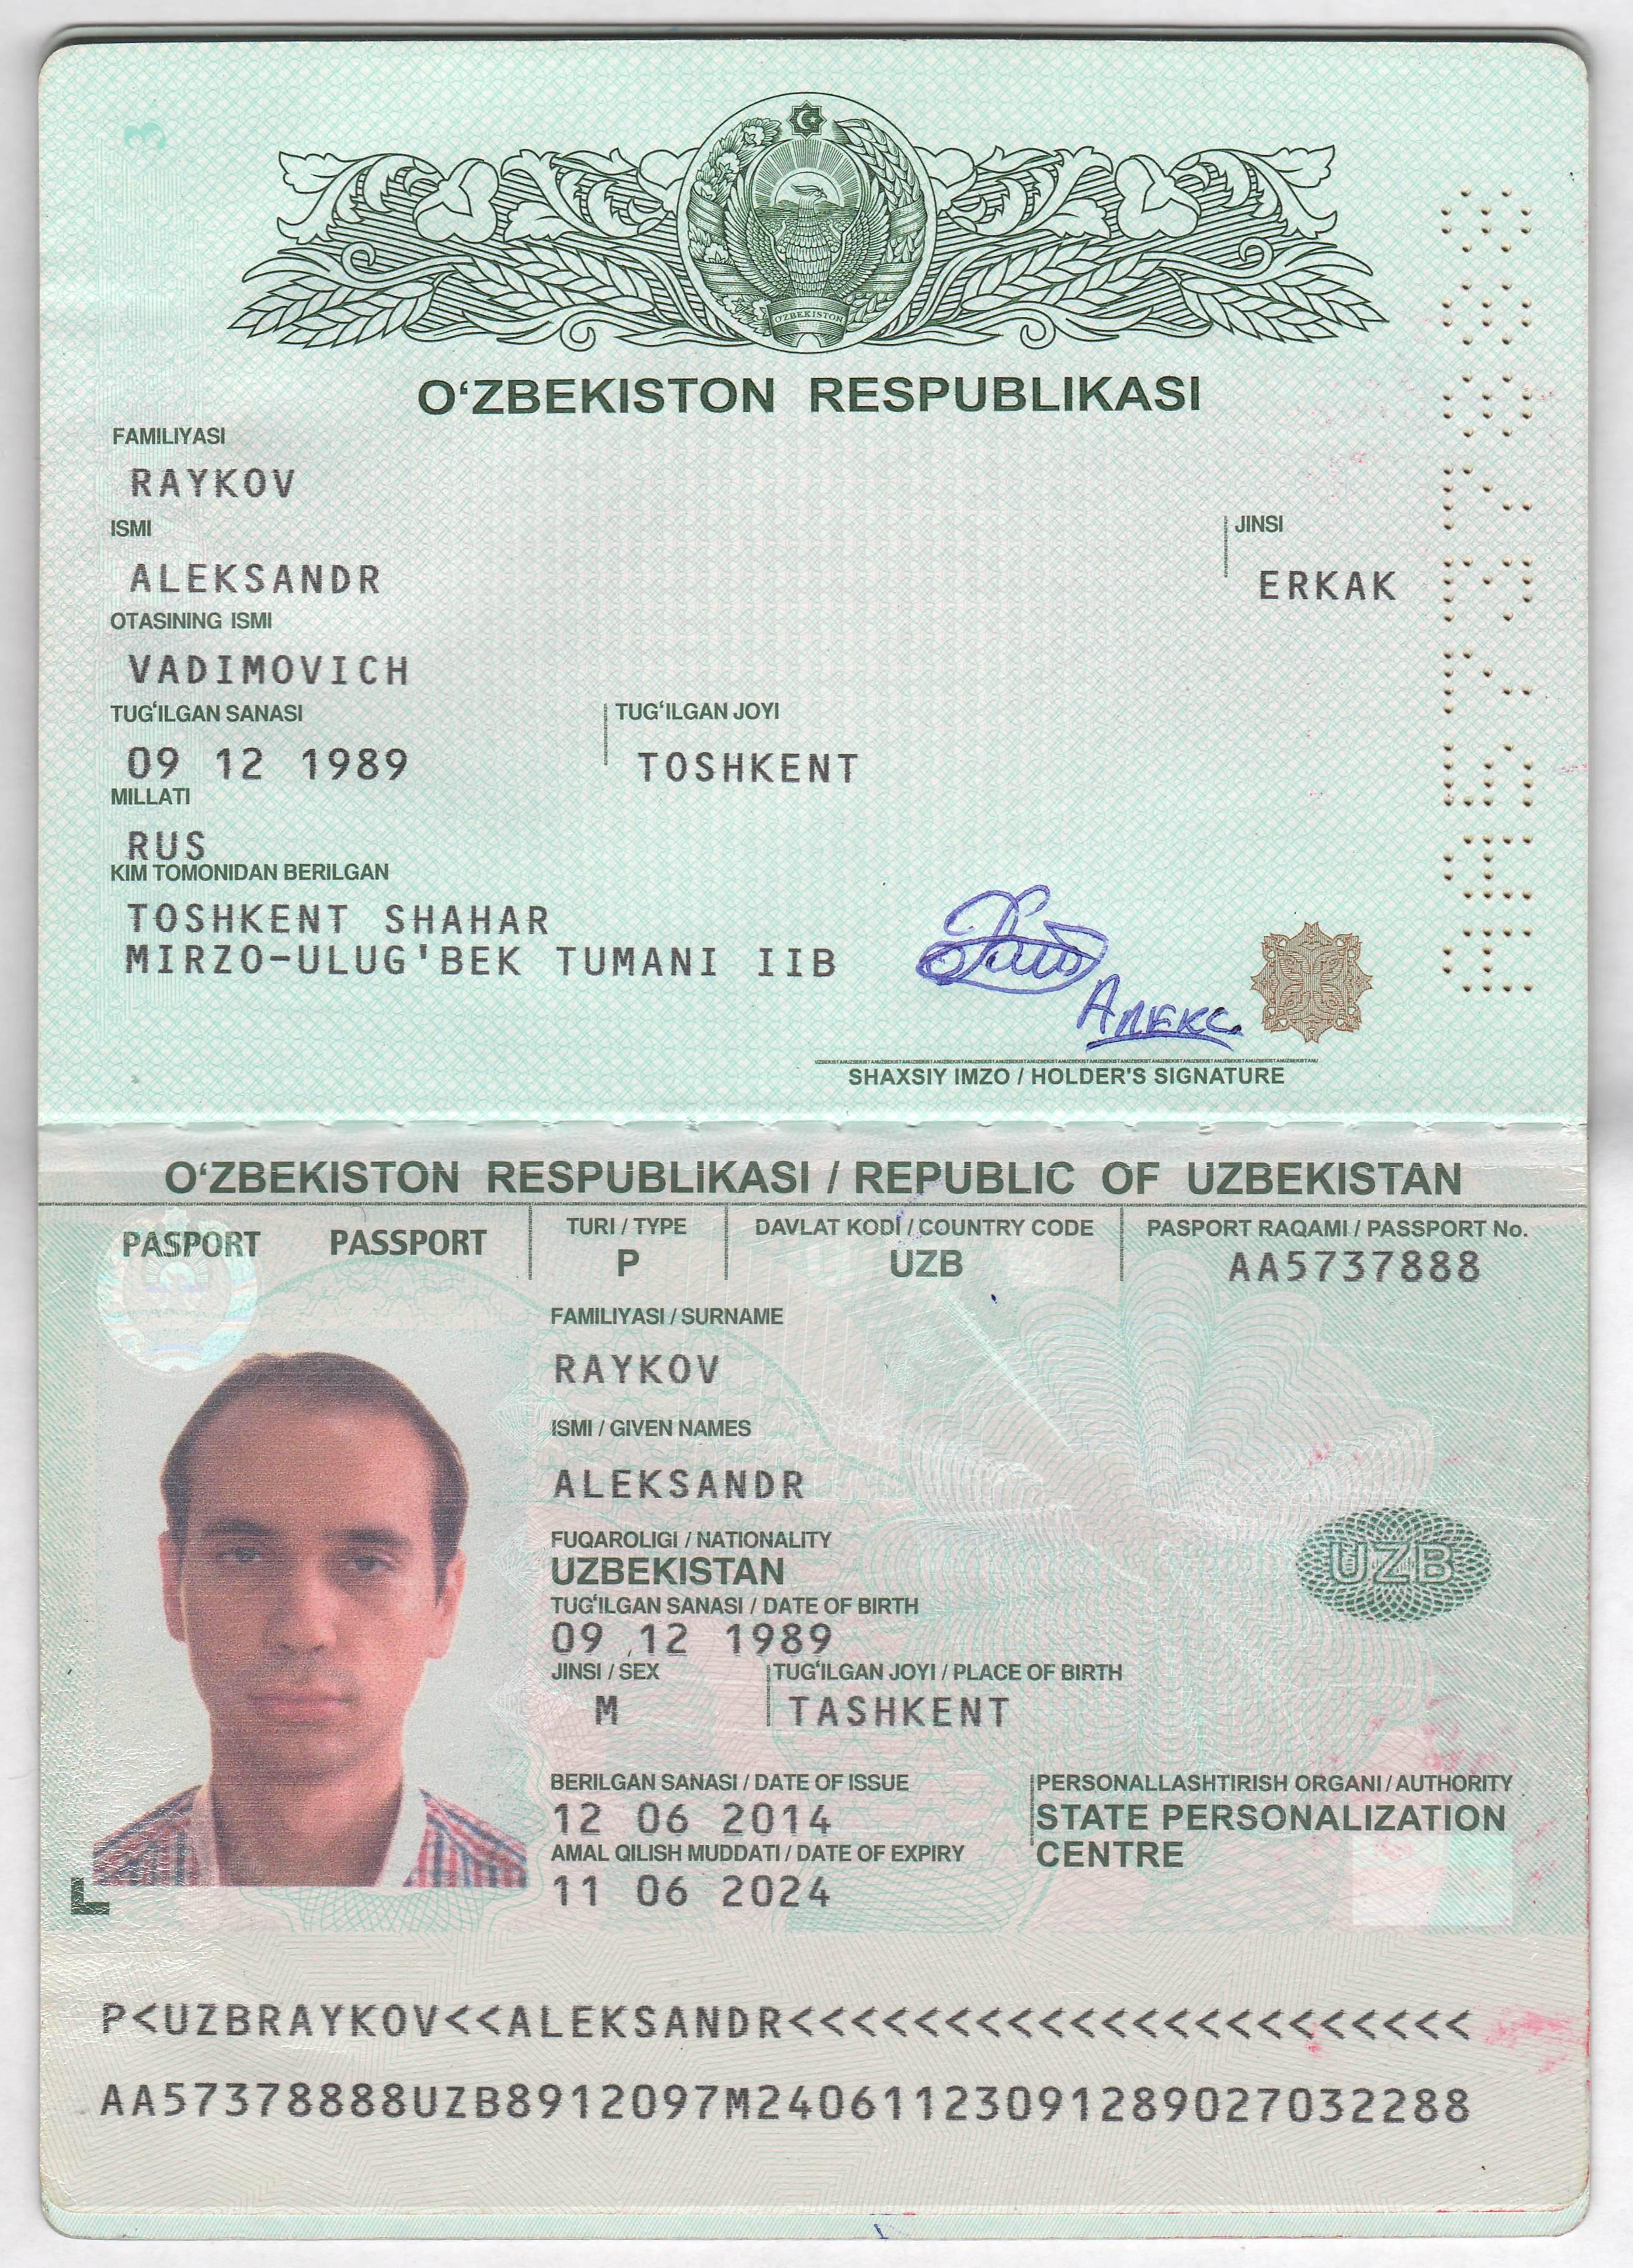 Гражданство австрии для россиян — что нужно для получения в 2021 году?